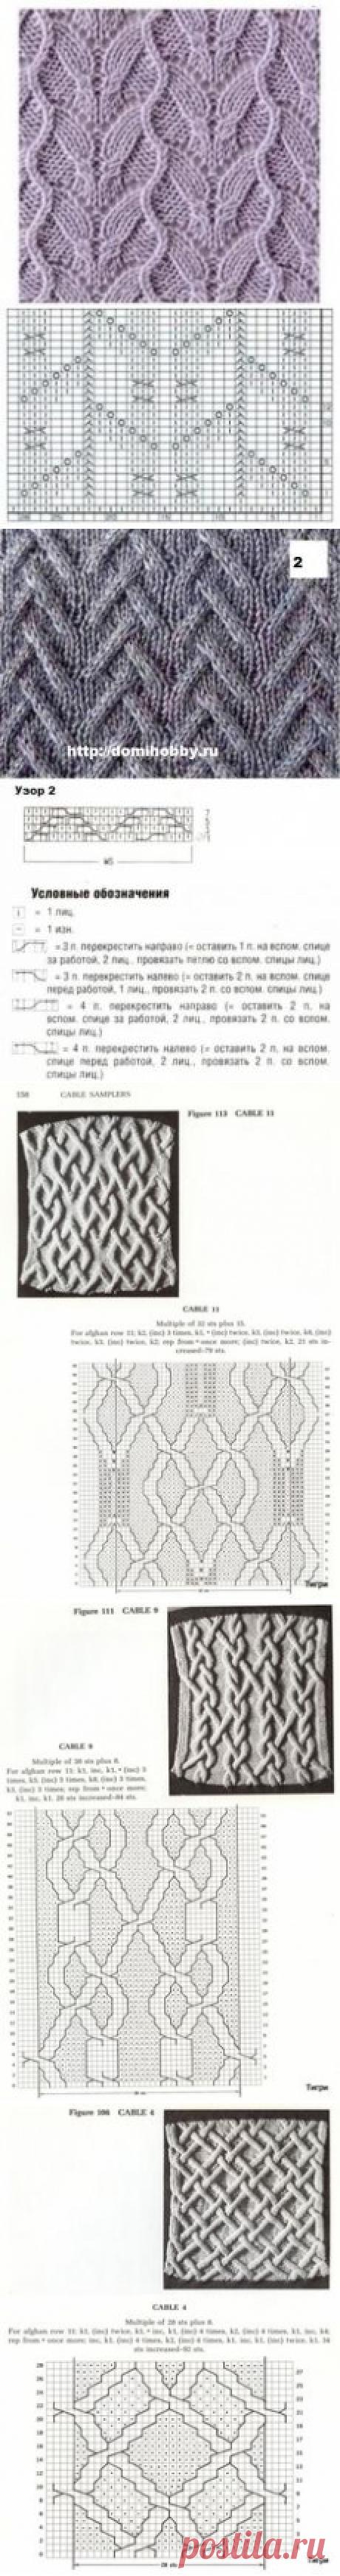 (74) вязание узоры в Pinterest